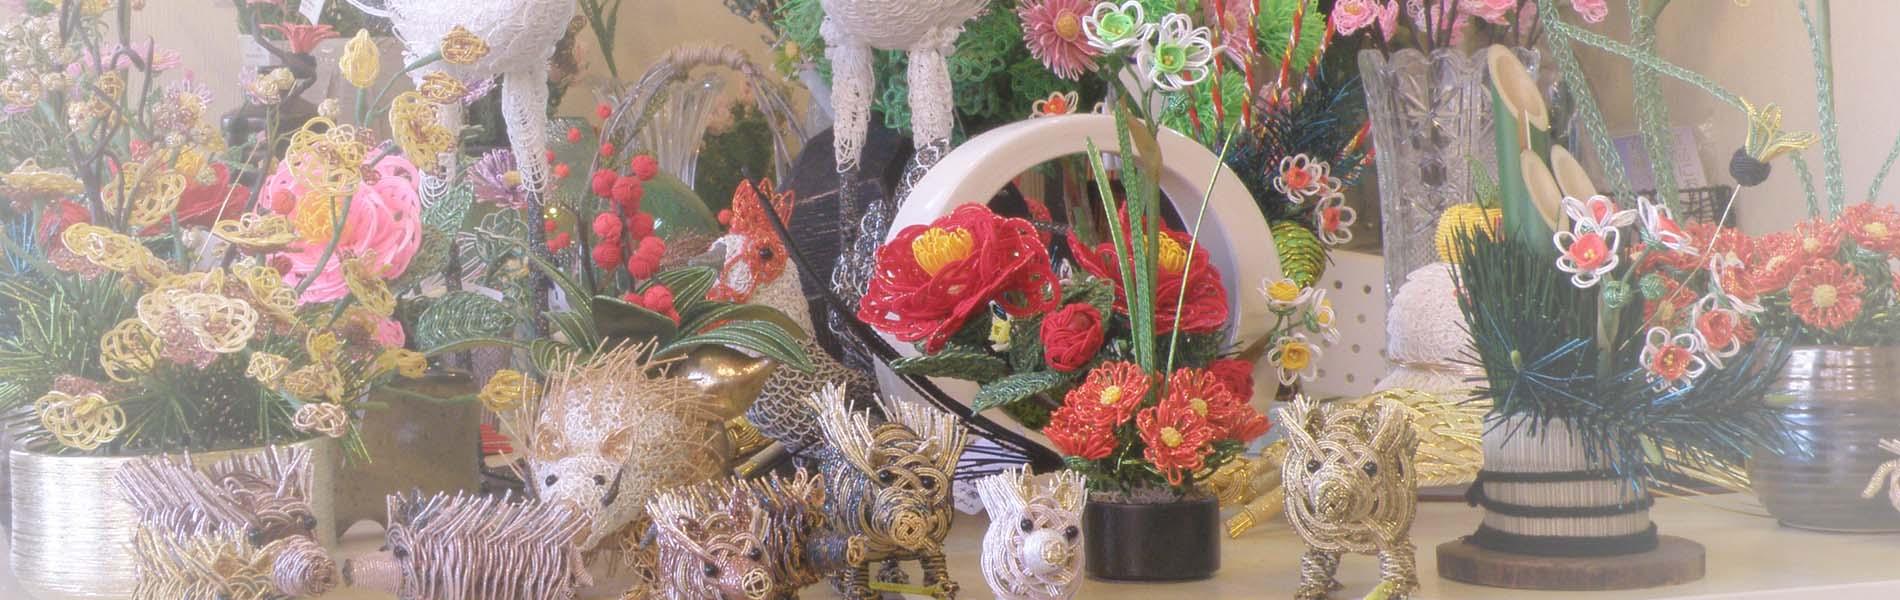 水引の小物 季節の花々、干支の置物